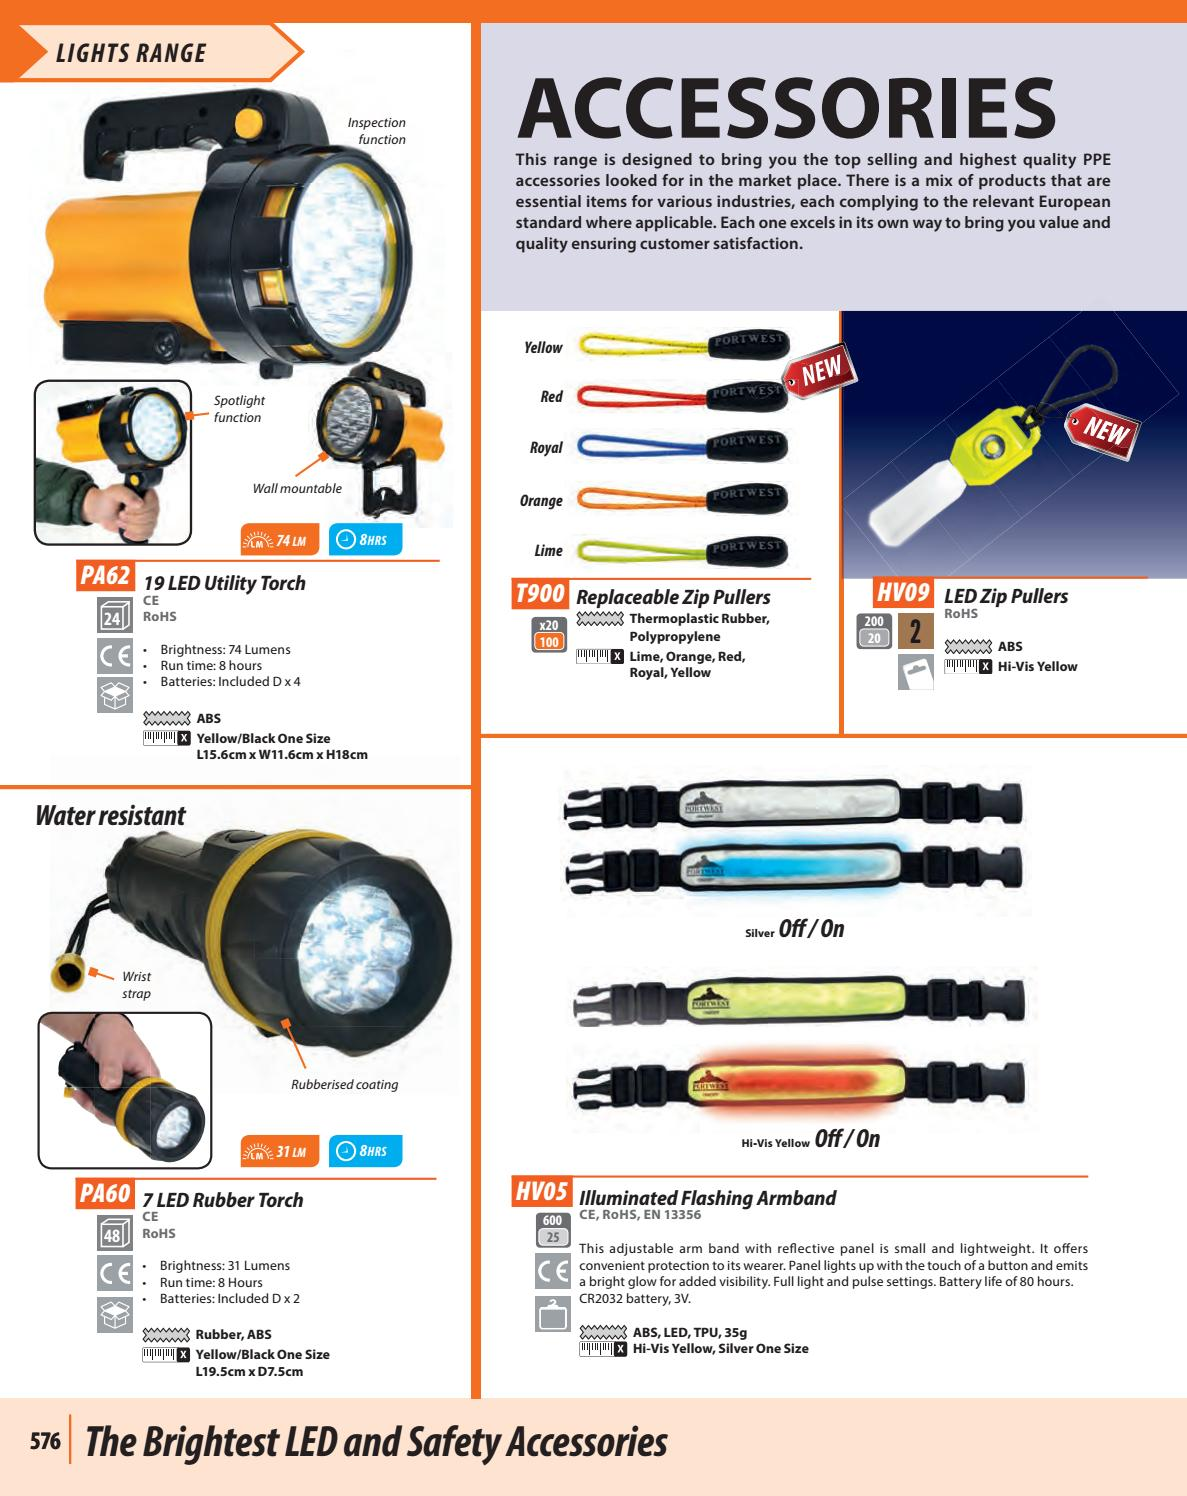 Portwest HV05 Safety Reflective Illuminated Flashing Armband Hi Viz Silver LED